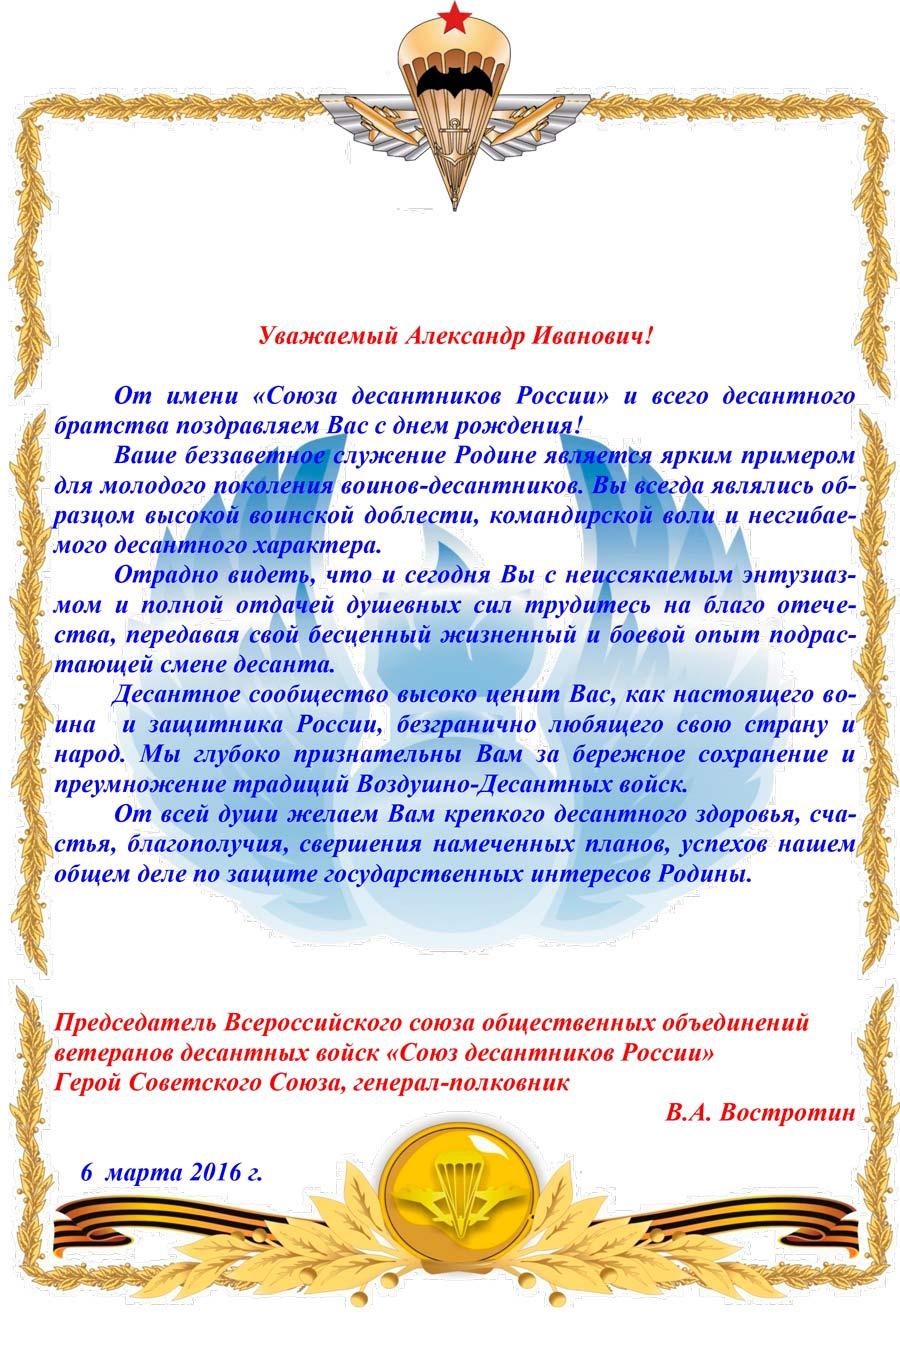 Поздравляем Туркова Александра Ивановича!